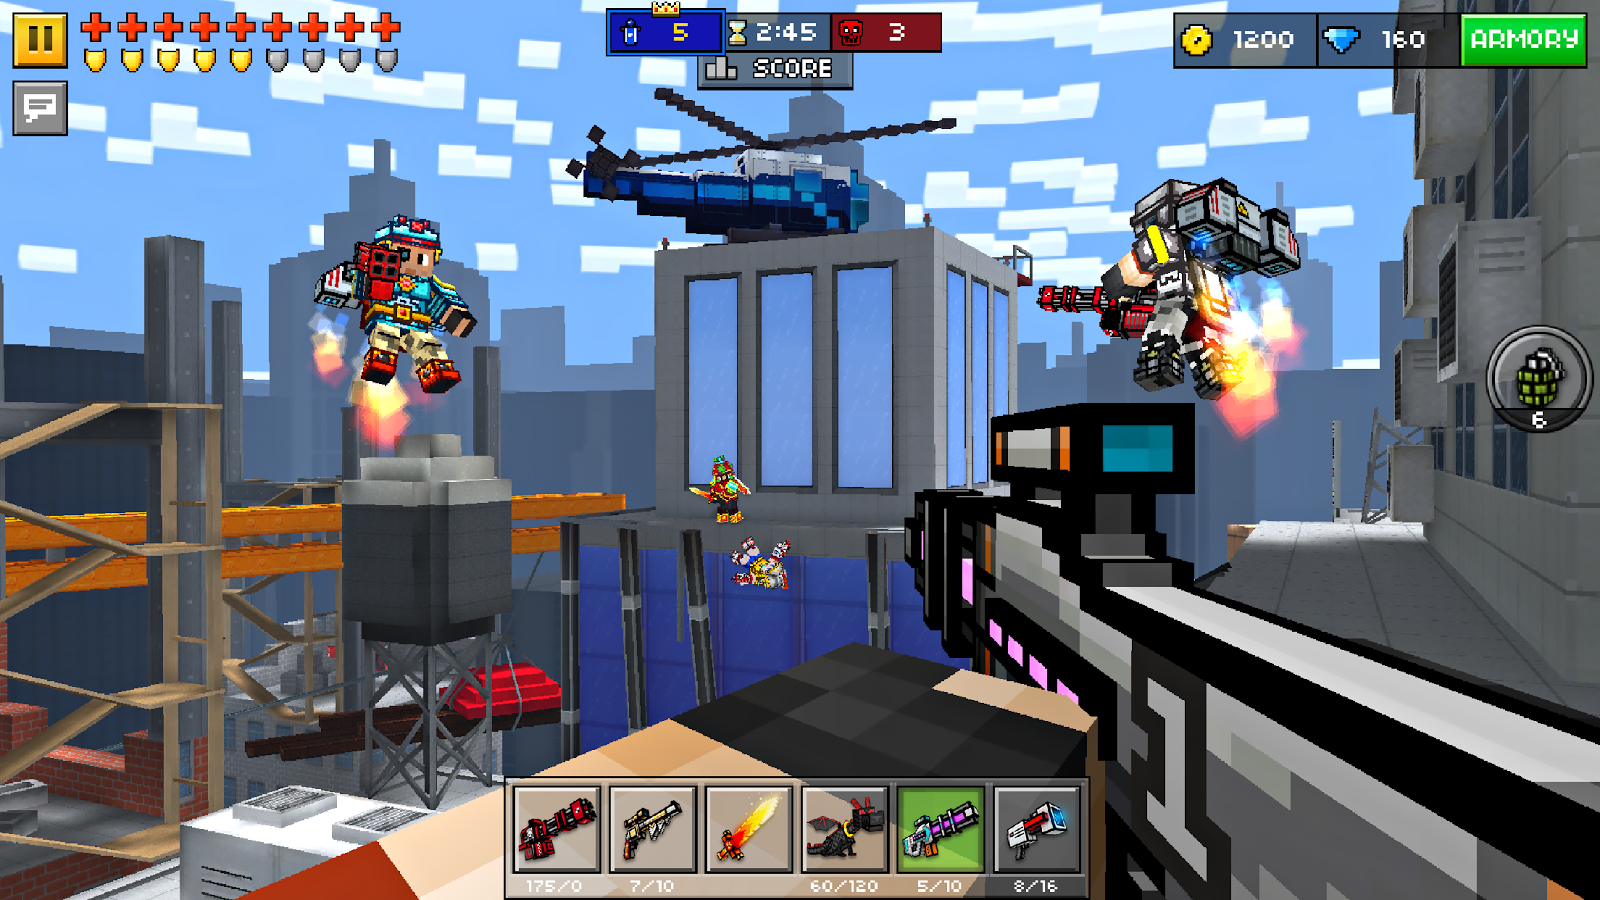 Скачать pixel gun 3d на компьютер.